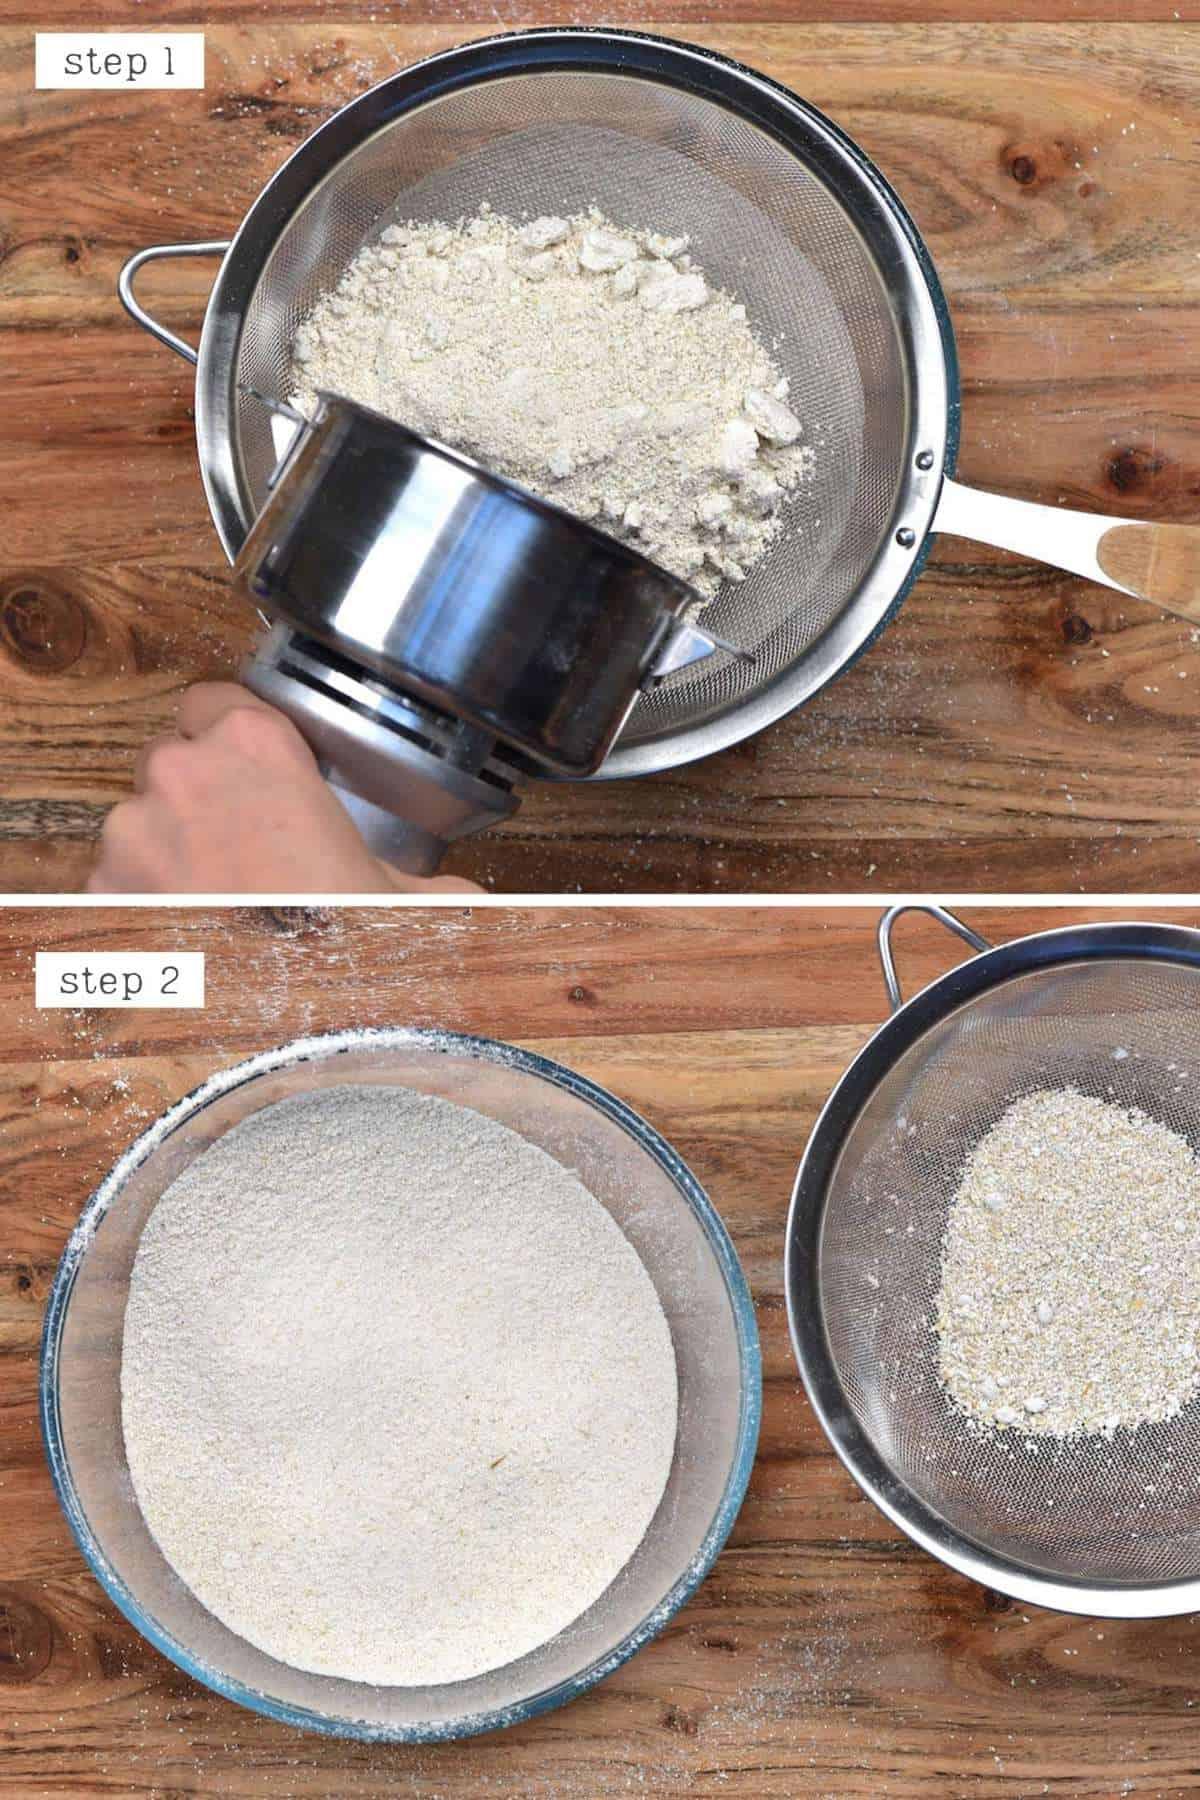 Sieving oat flour